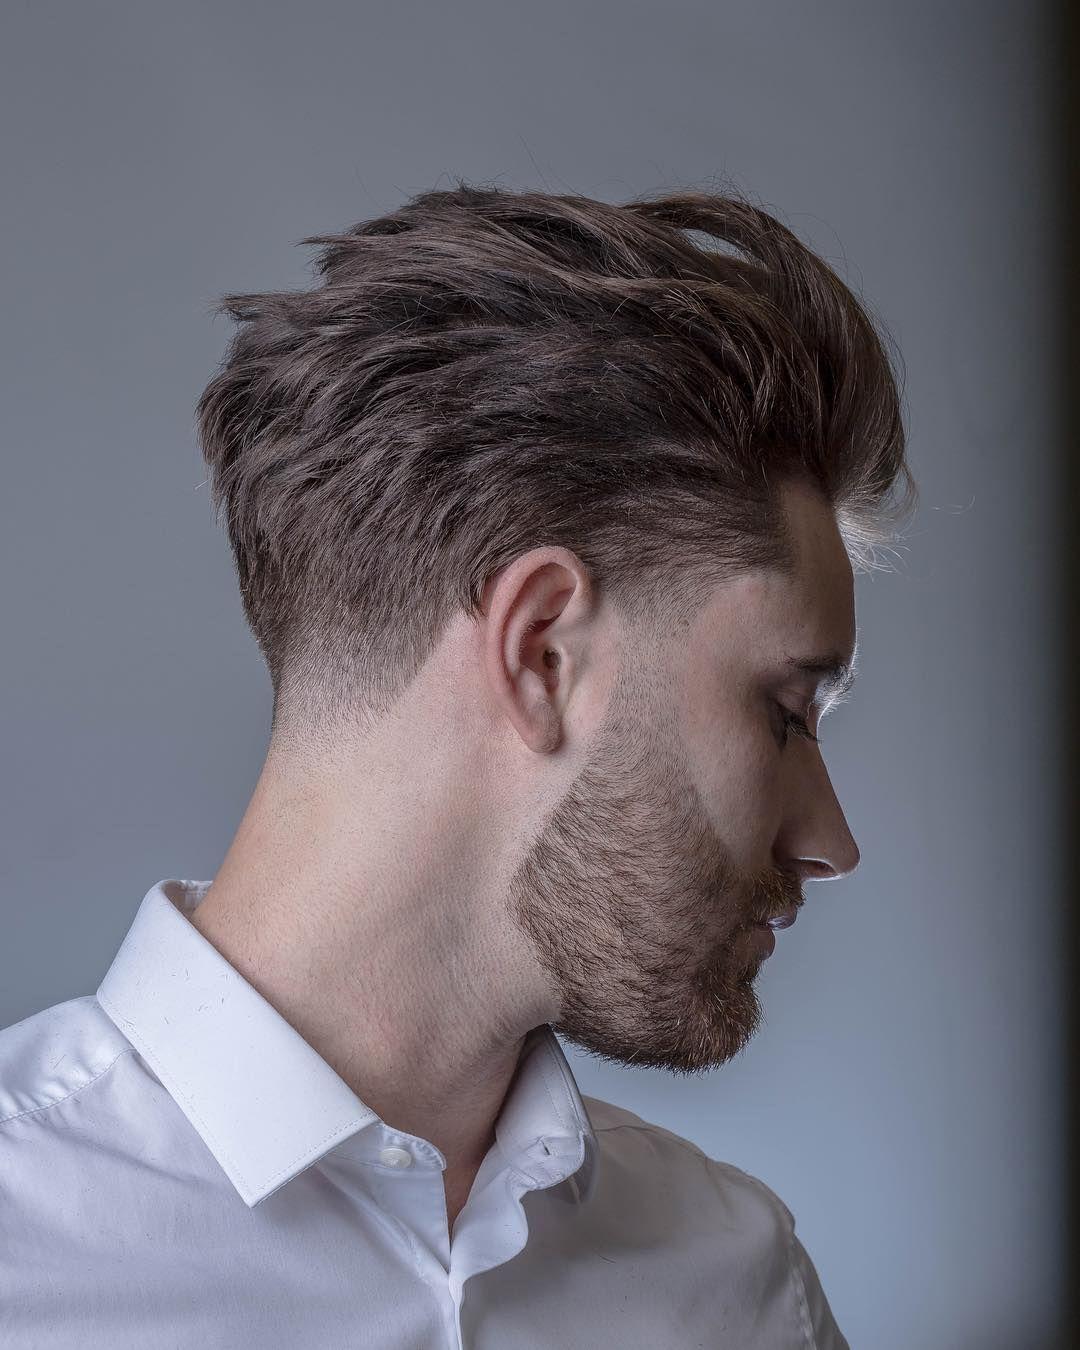 Top 50 Men S Hairstyles 2020 Update Medium Hair Styles Mens Hairstyles Medium Thick Hair Styles